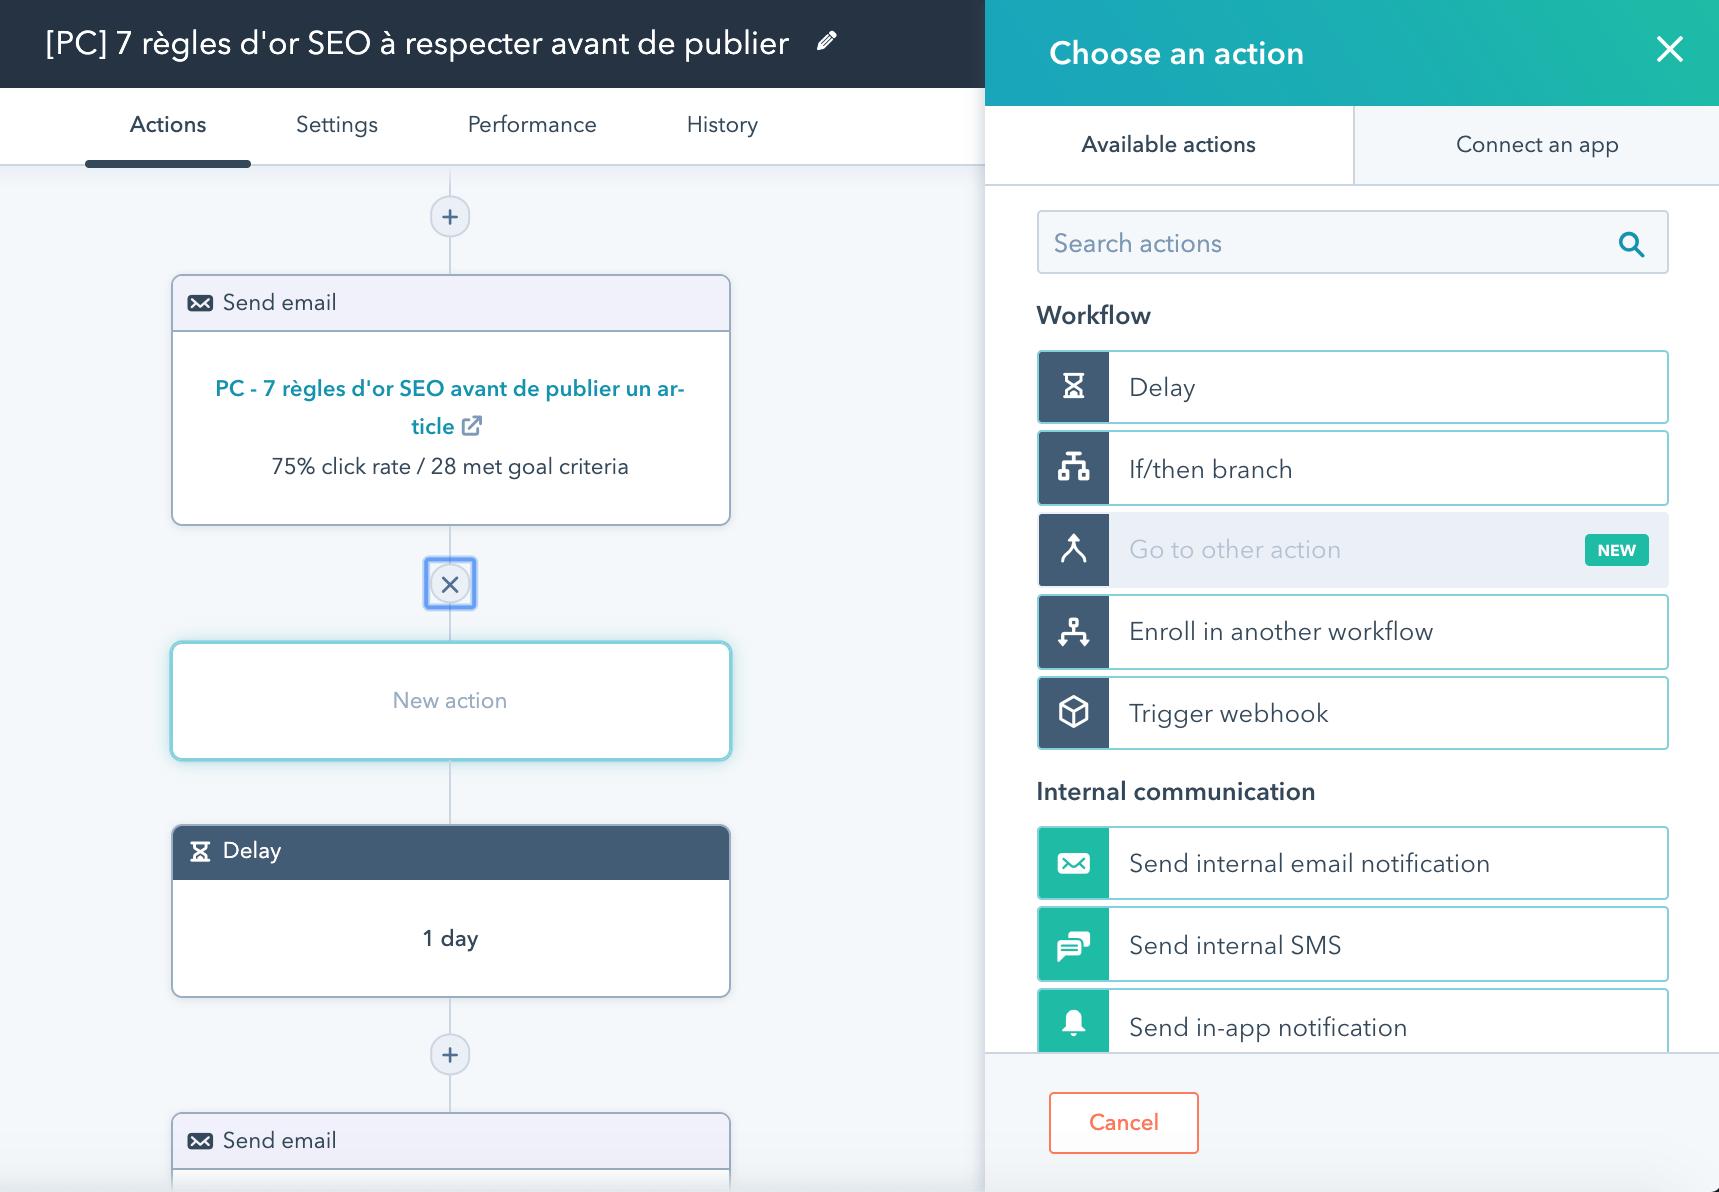 Paramétrage d'une étape de workflow sur HubSpot avec Okédito